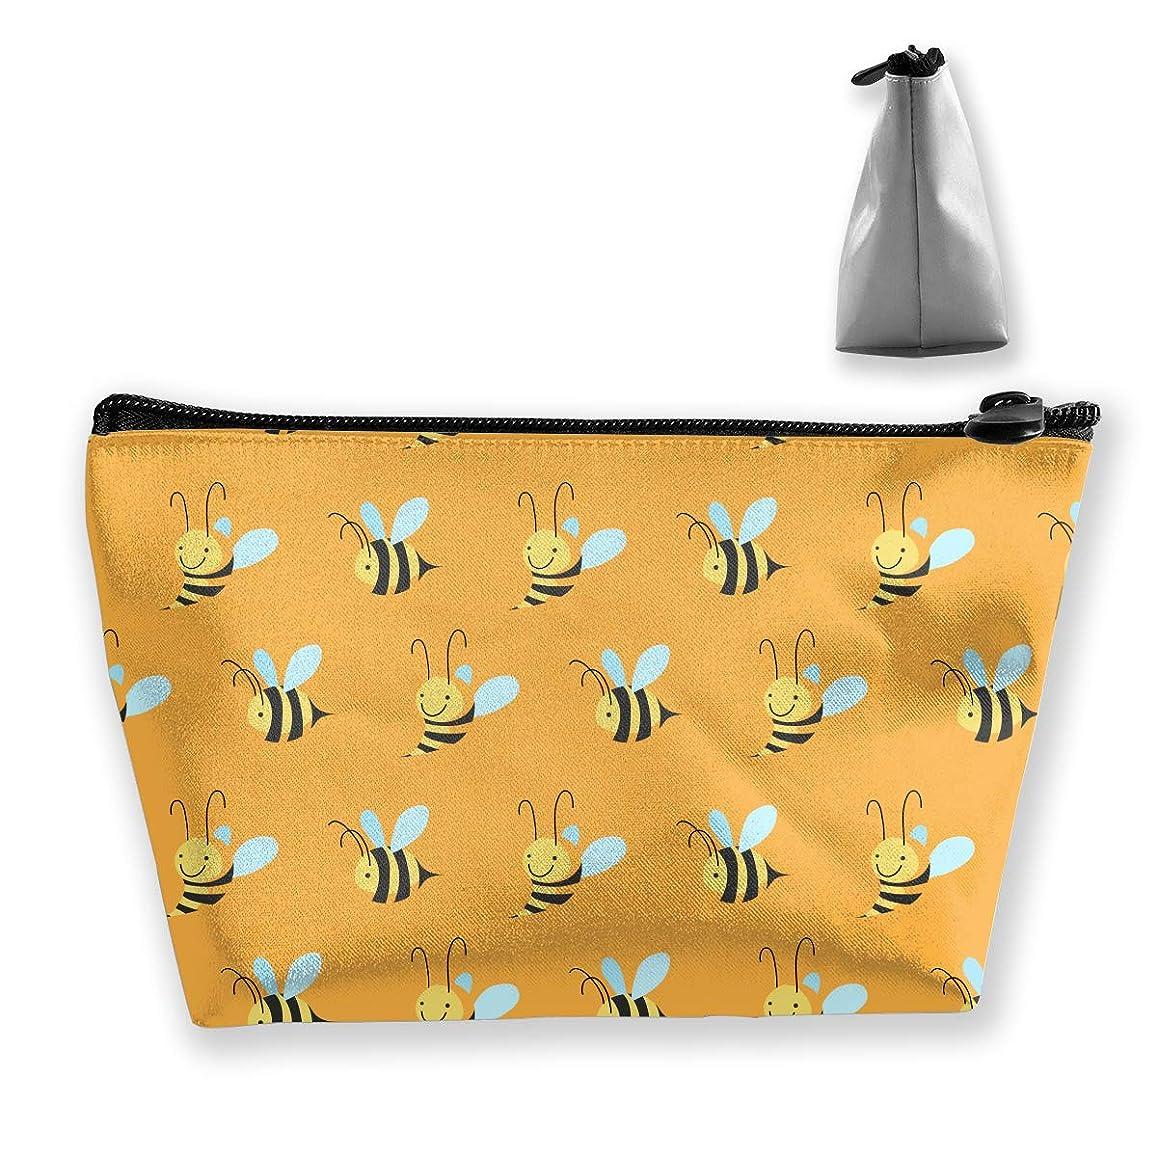 死ぬ滑りやすい段落台形 レディース 化粧ポーチ トラベルポーチ 旅行 ハンドバッグ 蜜蜂パターン コスメ メイクポーチ コイン 鍵 小物入れ 化粧品 収納ケース